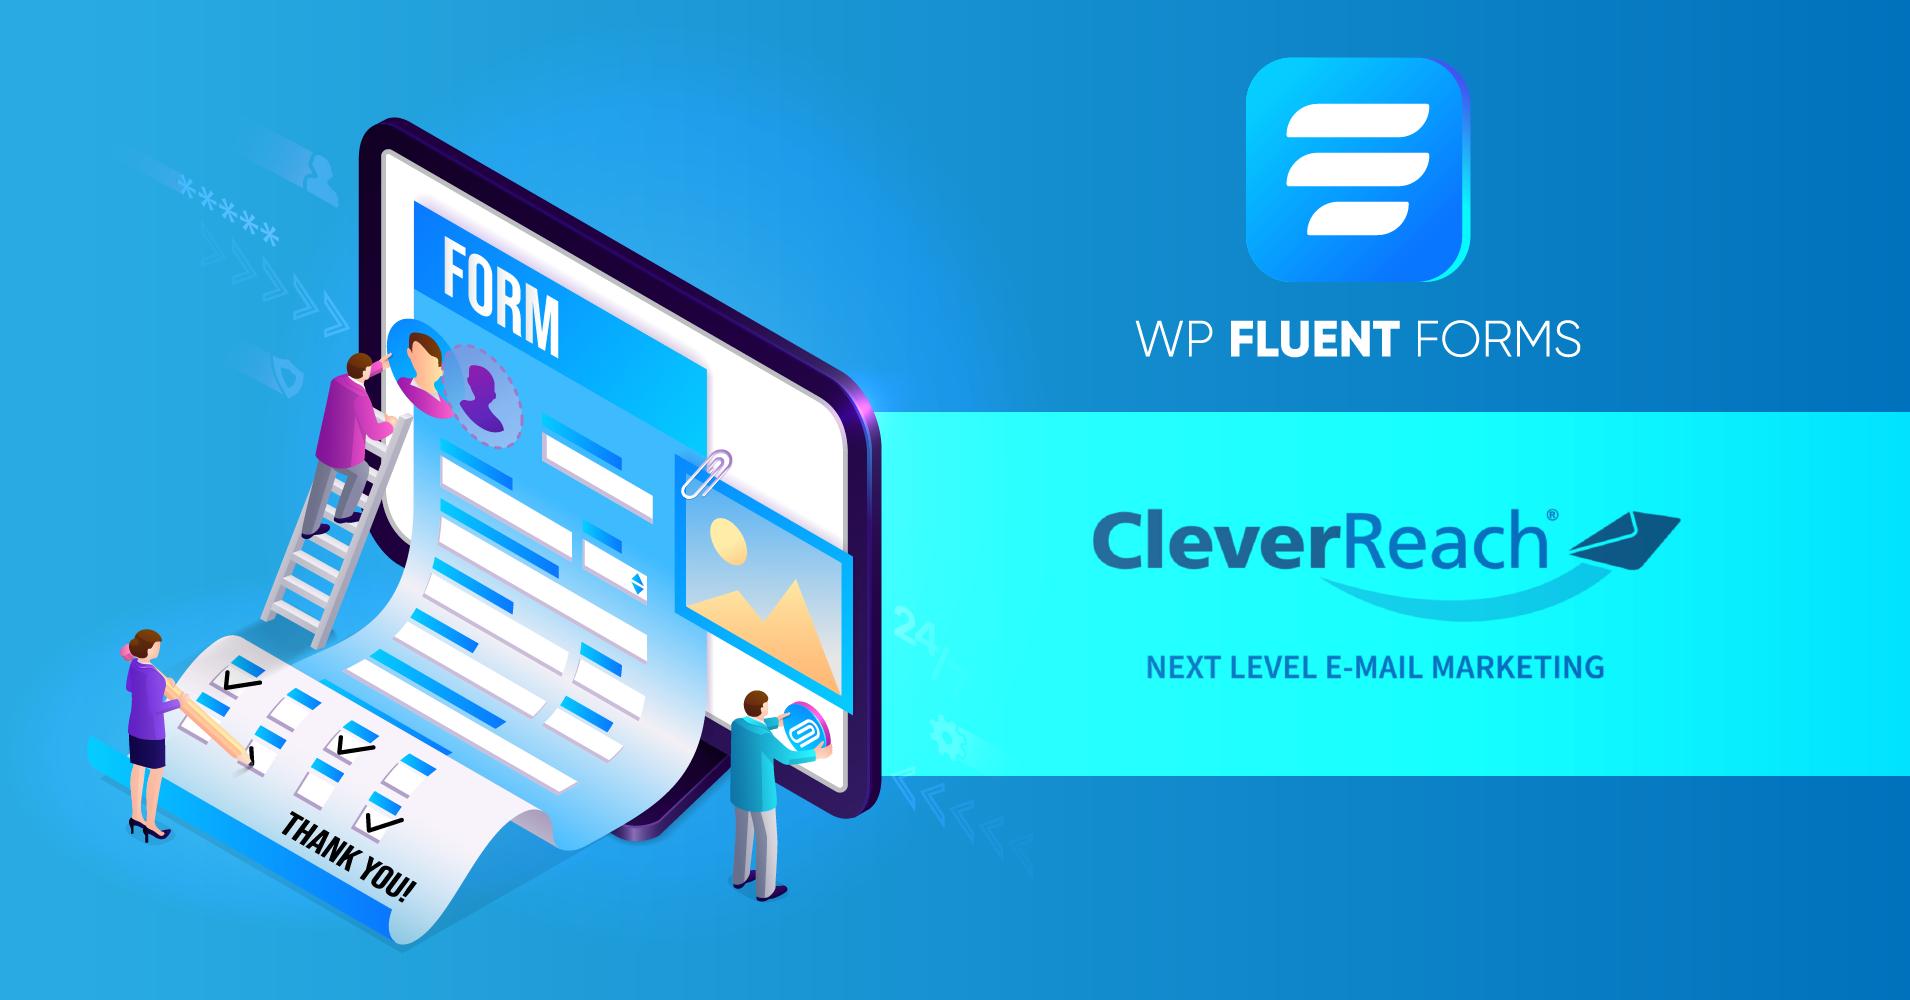 CleverReach in WordPress